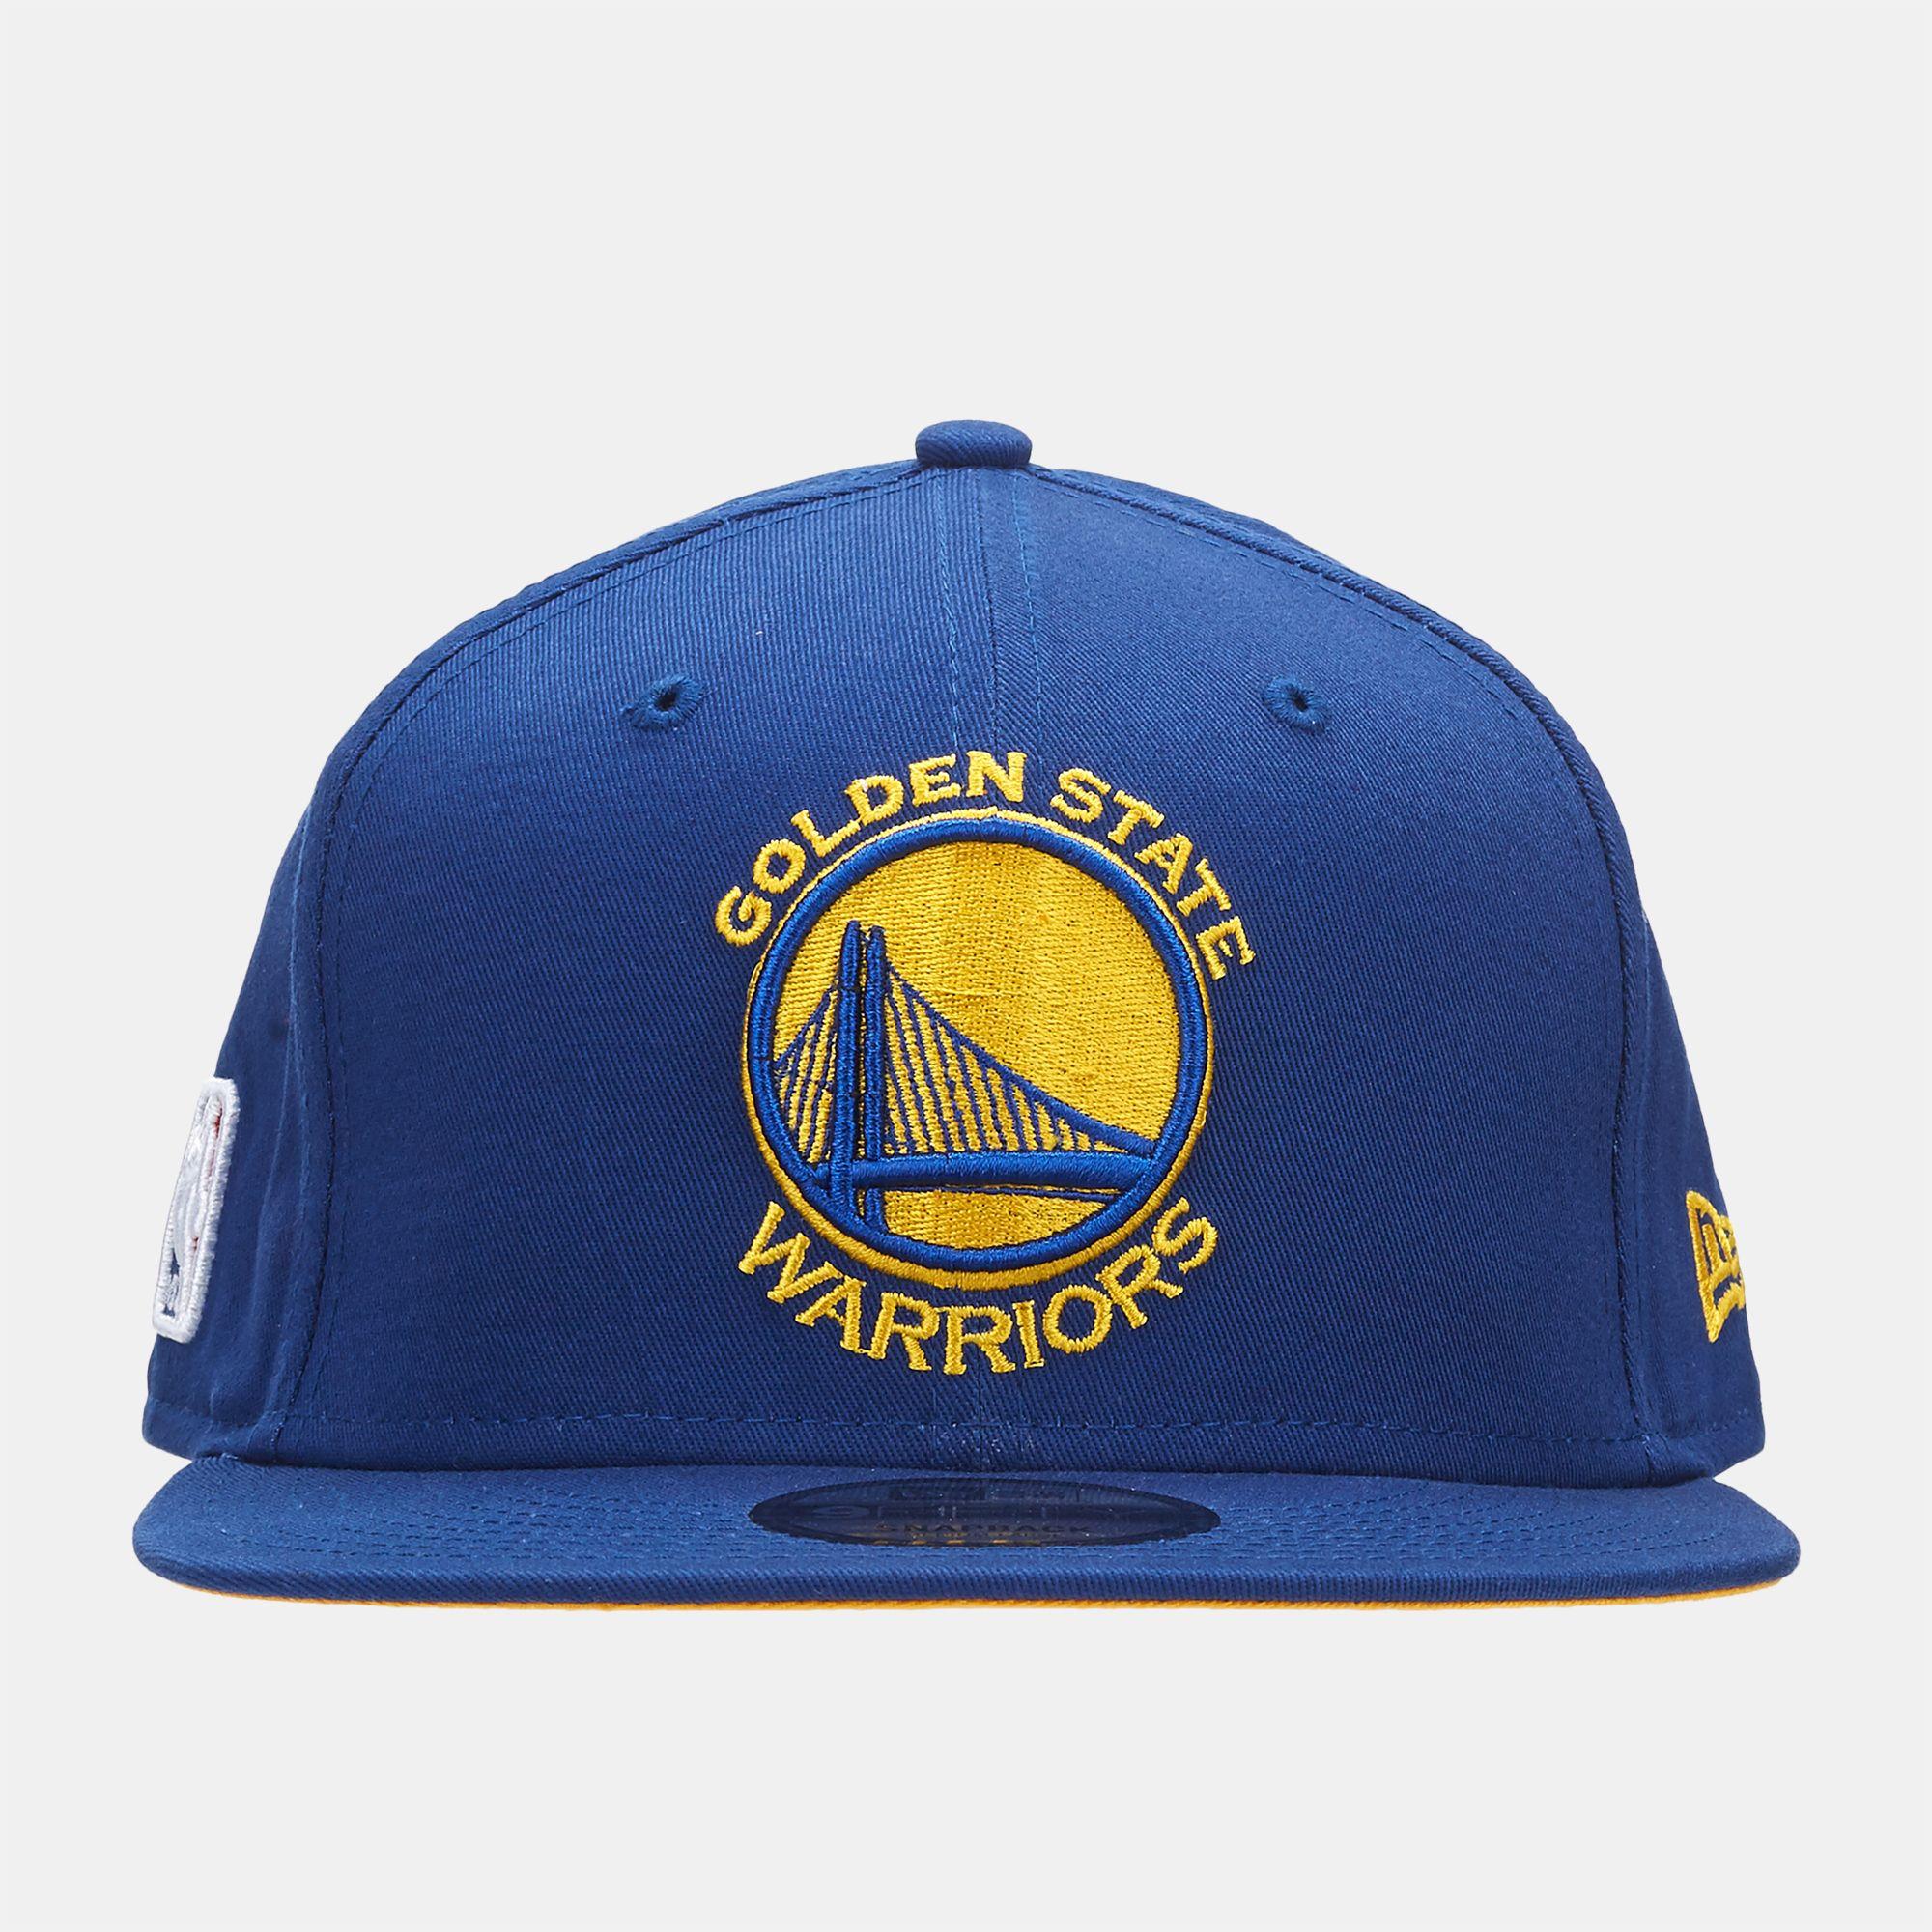 Shop blue new era nba golden state warriors fifty snapback cap jpg  2000x2000 Golden state warriors 6cb1387cfd8e